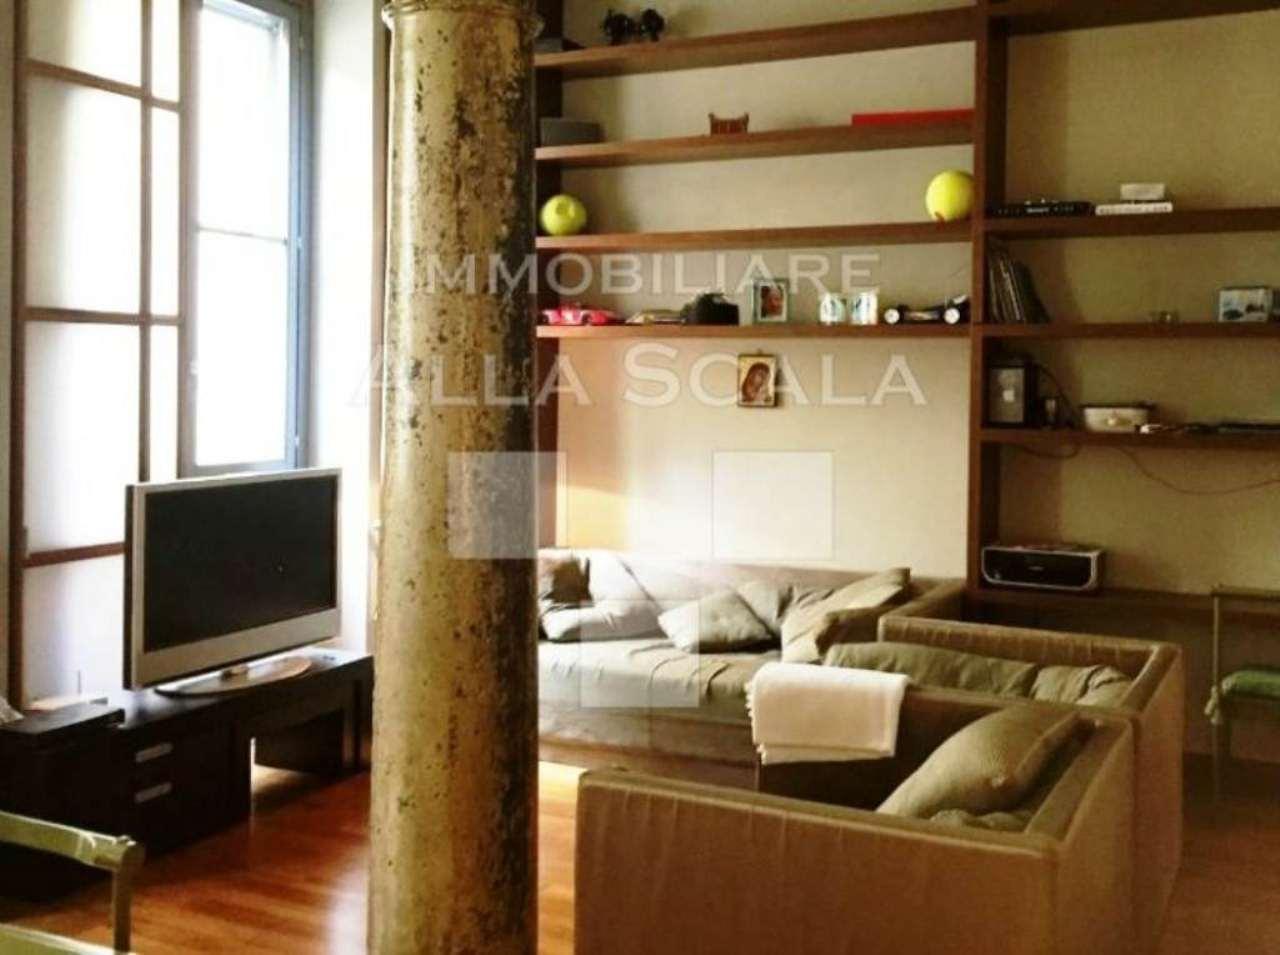 Loft / Openspace in affitto a Milano, 3 locali, zona Zona: 1 . Centro Storico, Duomo, Brera, Cadorna, Cattolica, prezzo € 1.900 | Cambio Casa.it